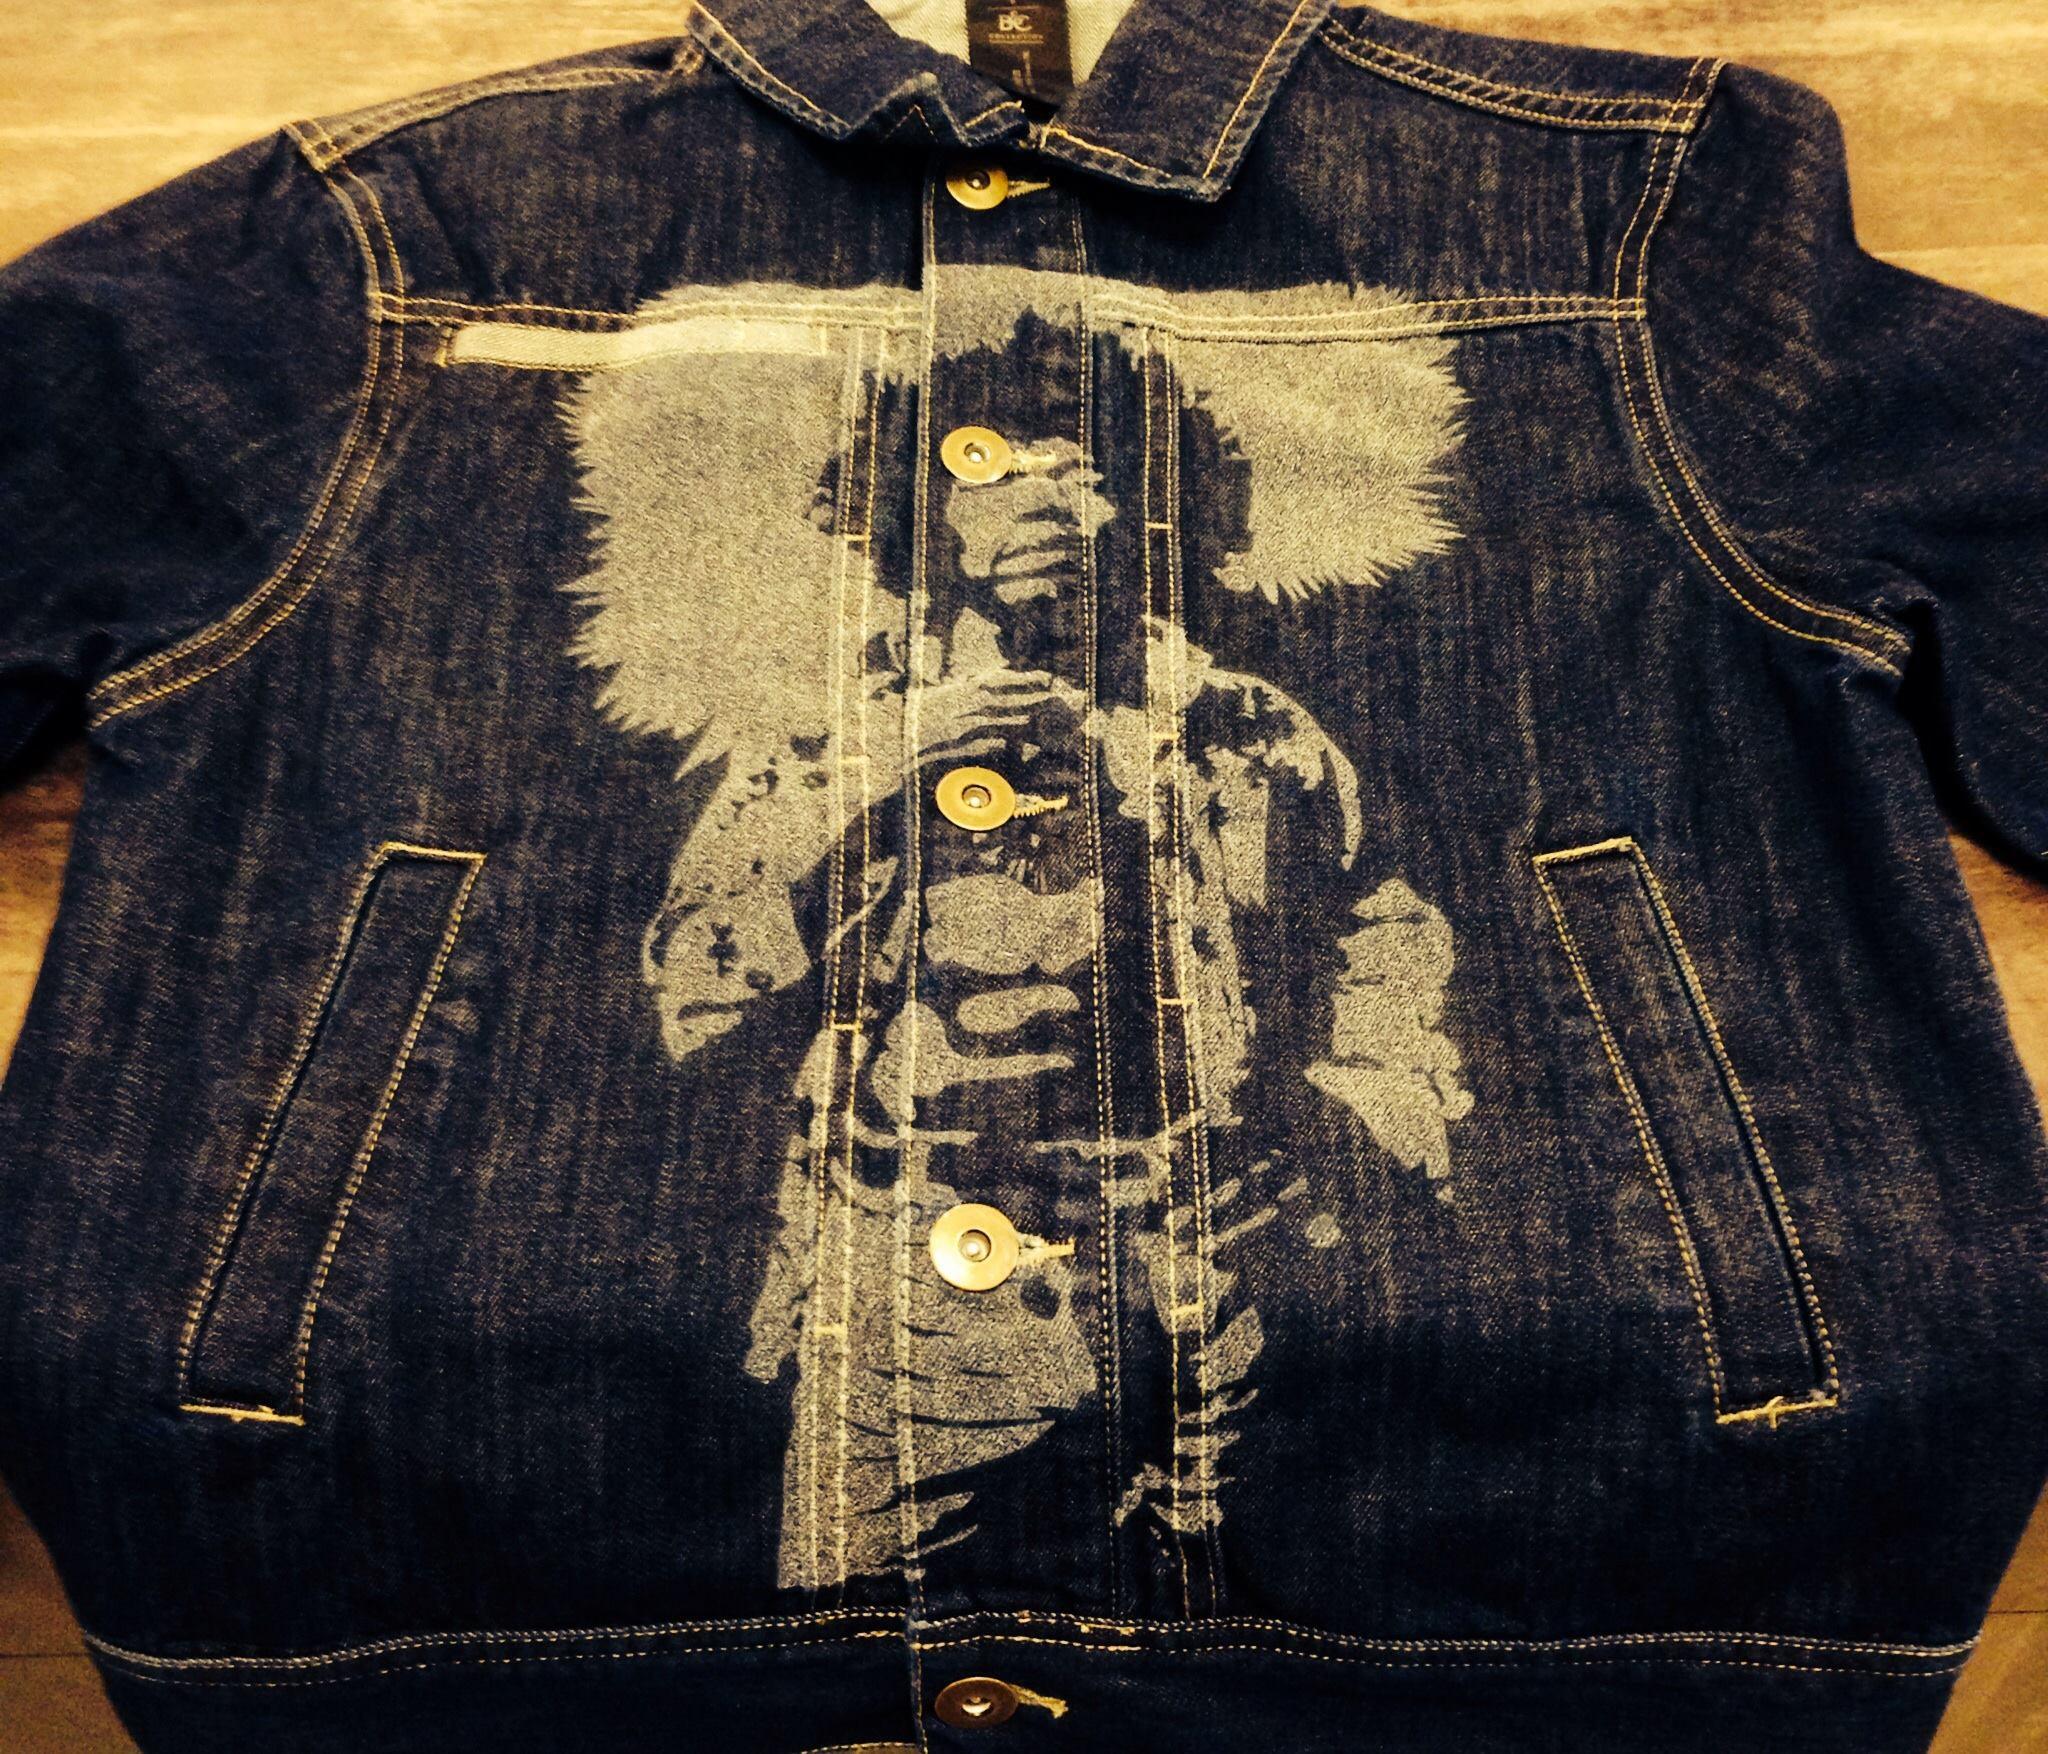 Stampa su Jeans - J.Hendrix